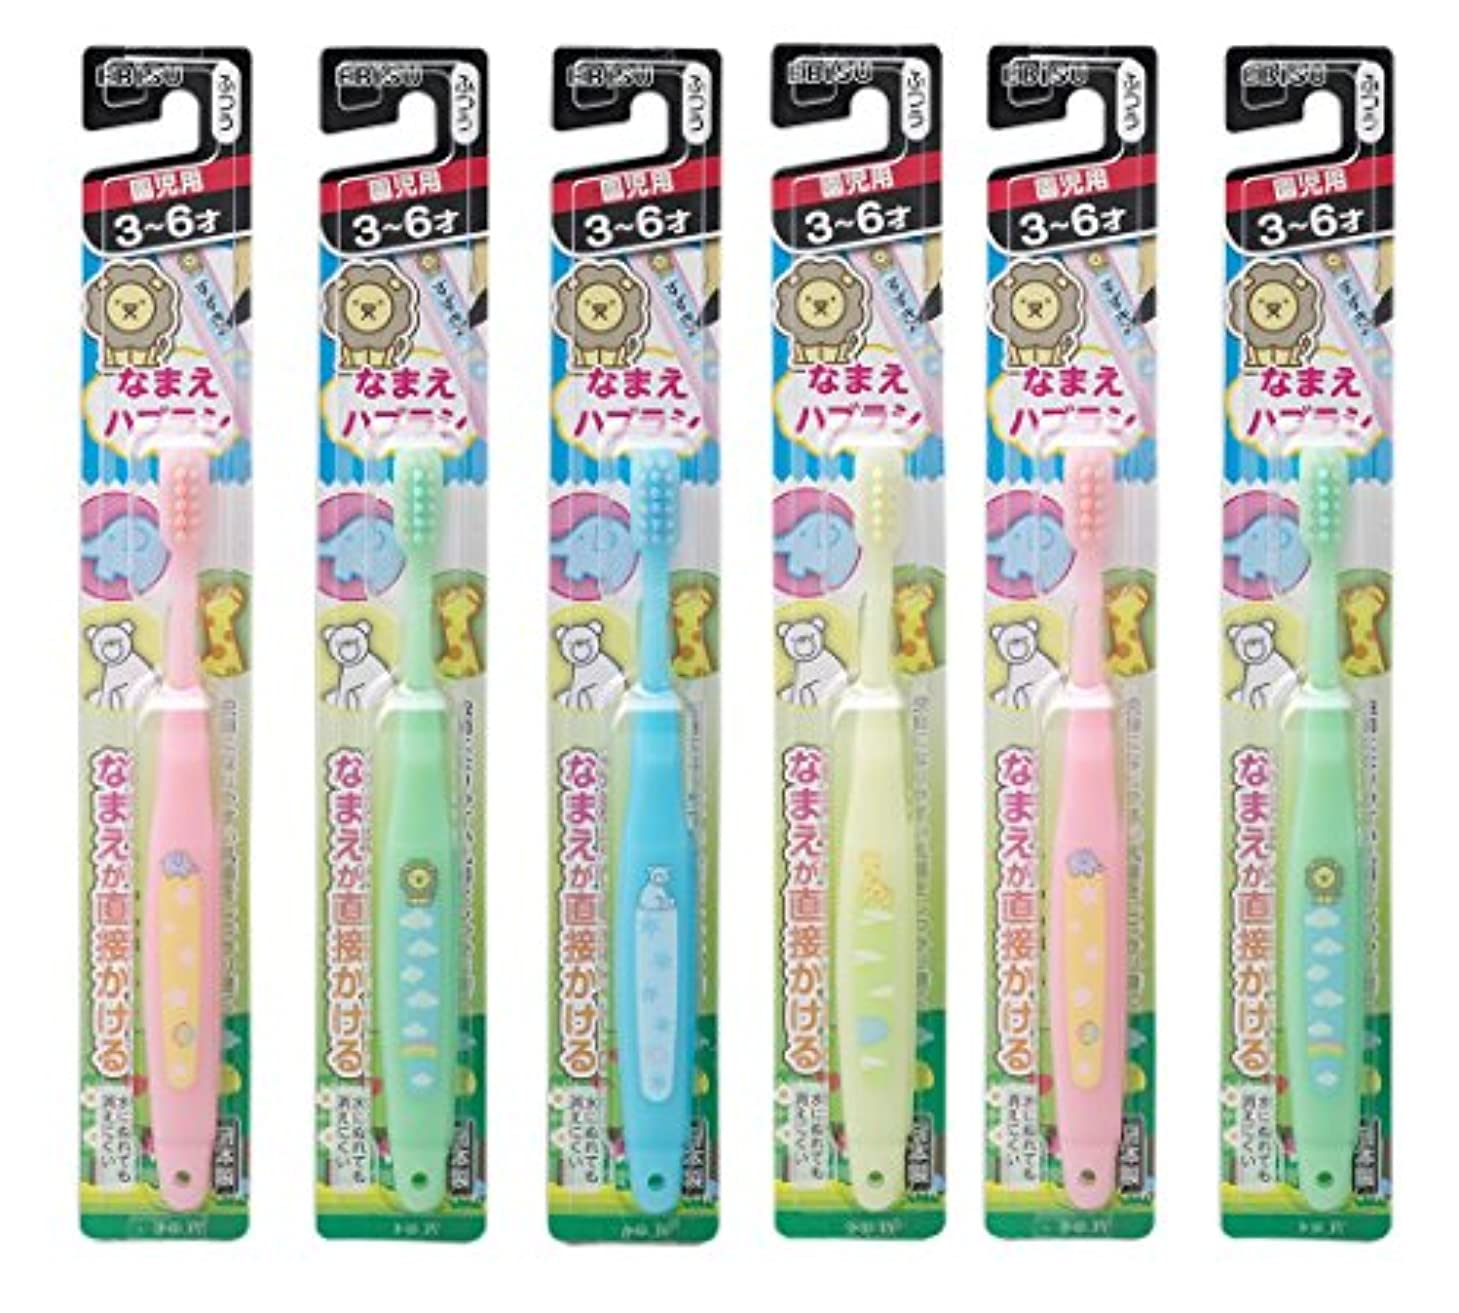 オーガニック美容師グリーンバックエビス 歯ブラシ なまえハブラシ 6本組(色おまかせ)